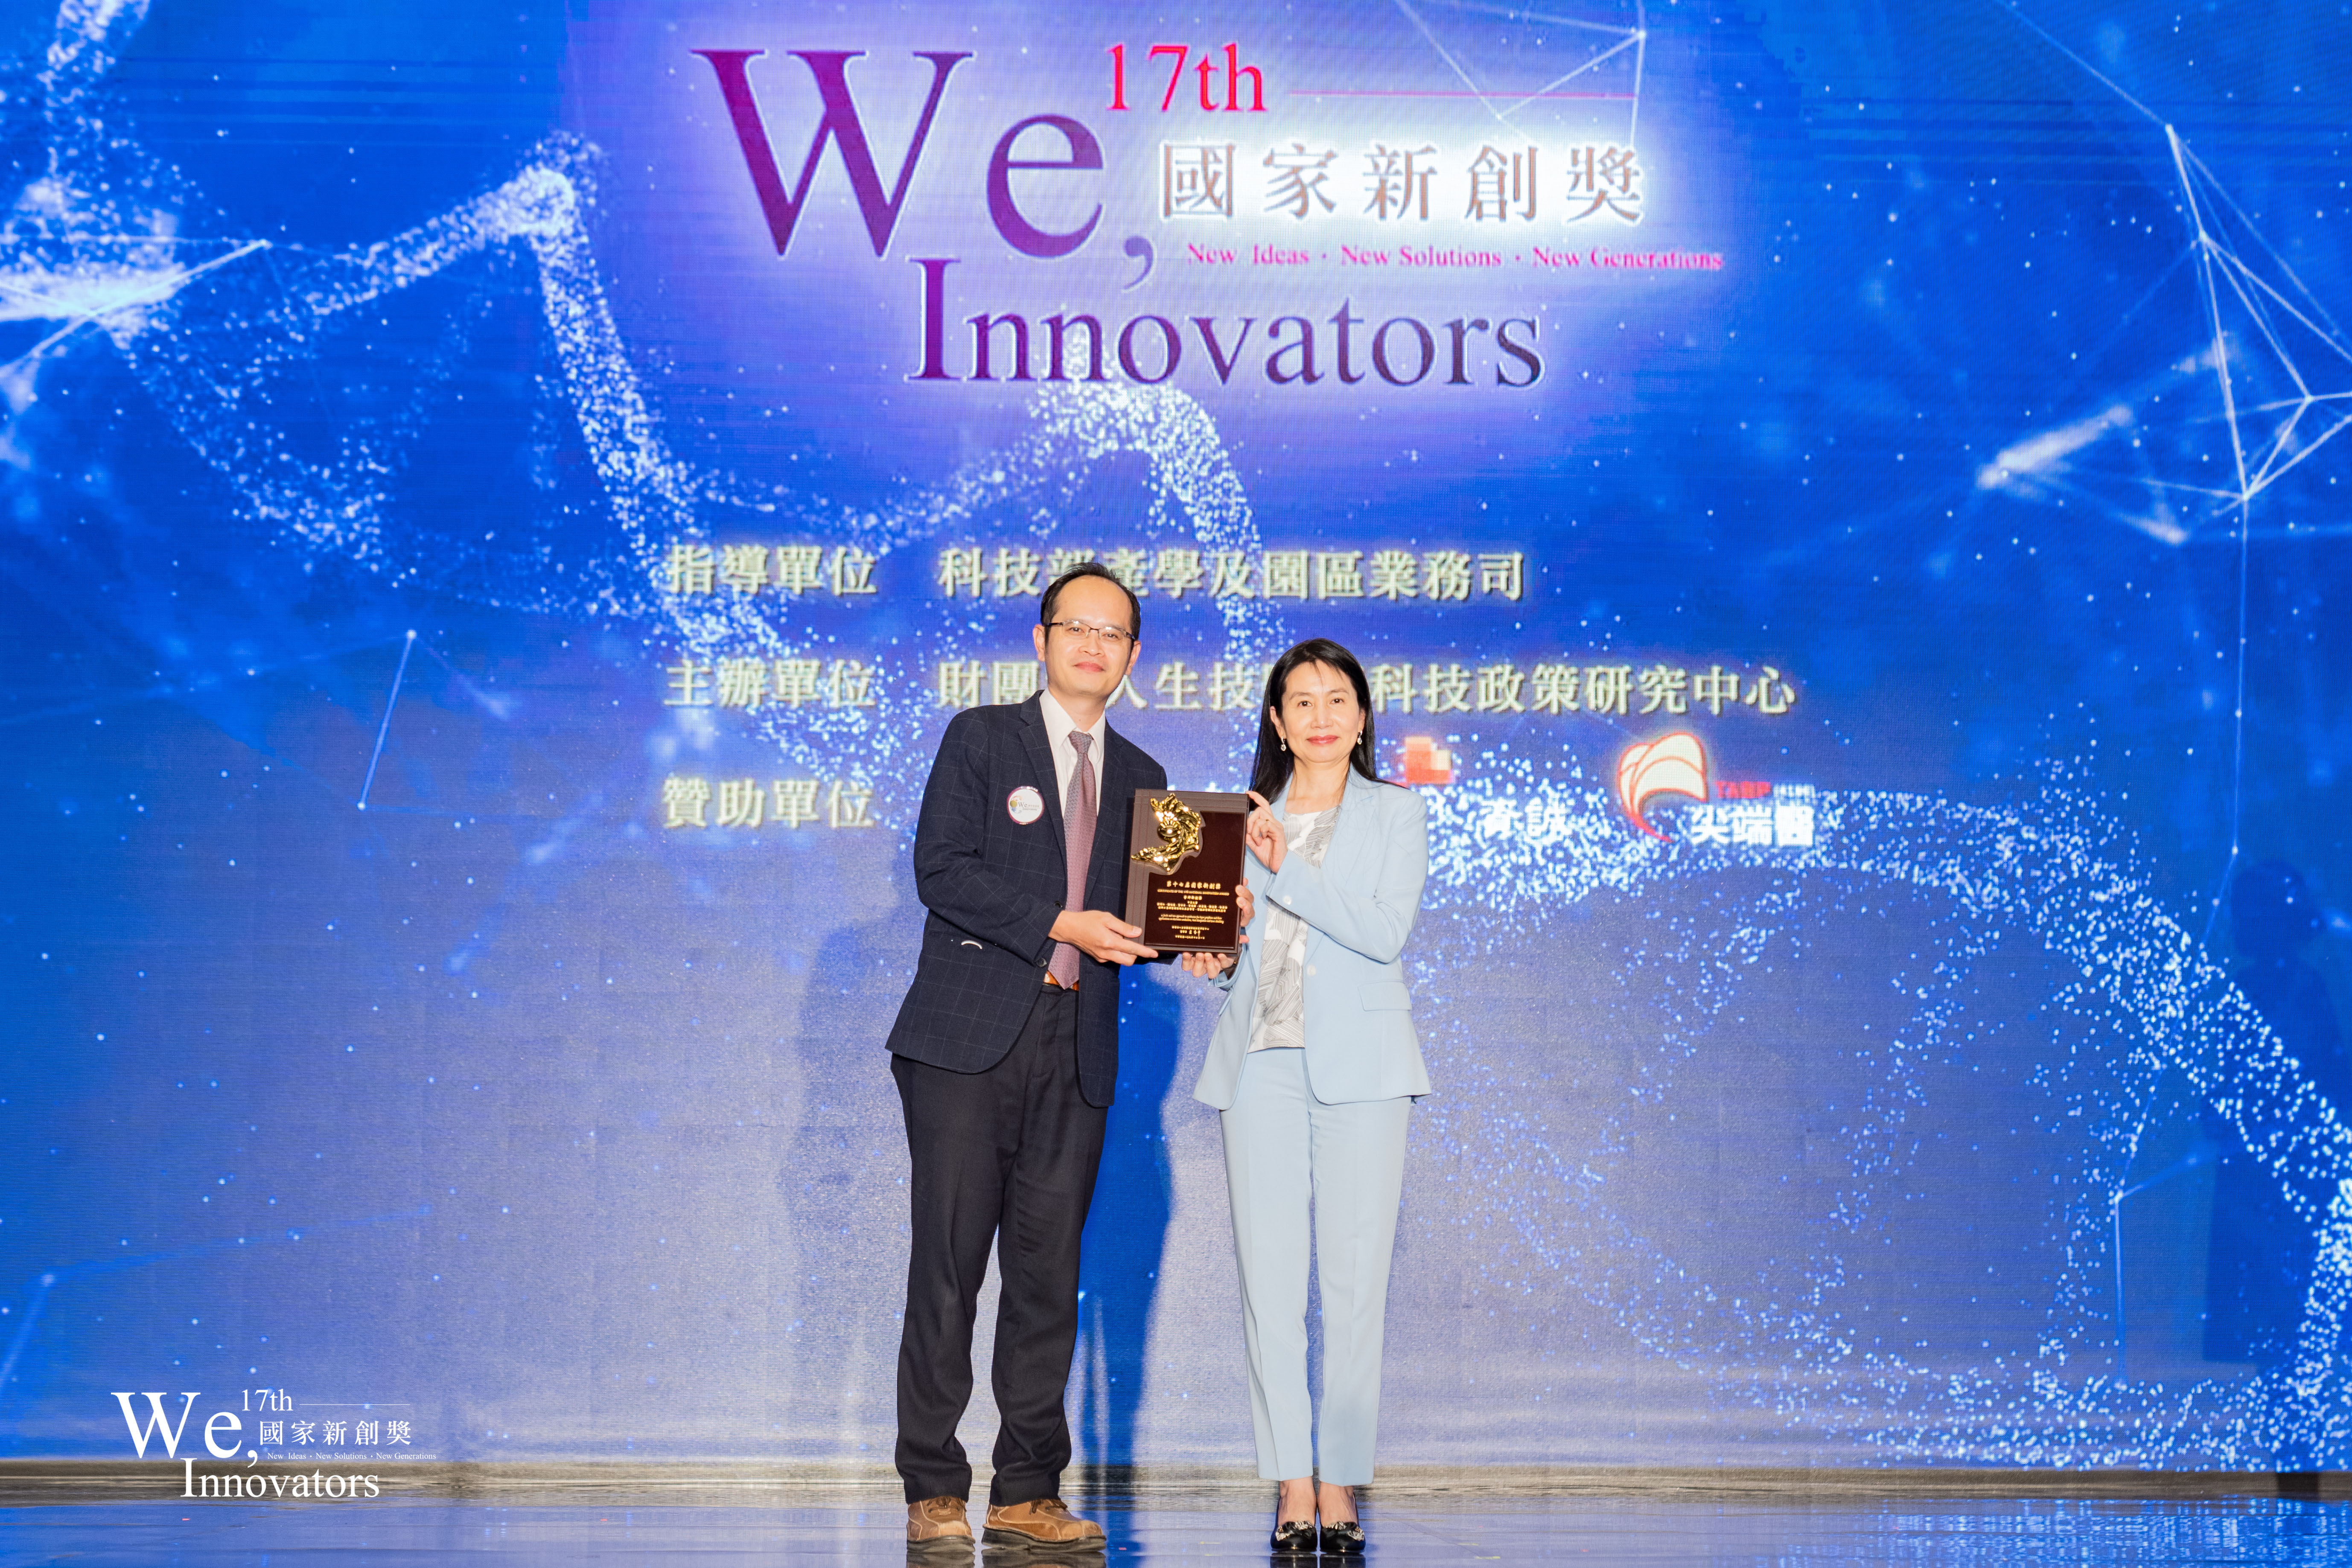 學研新創獎 環境科技與能源應用類獲獎